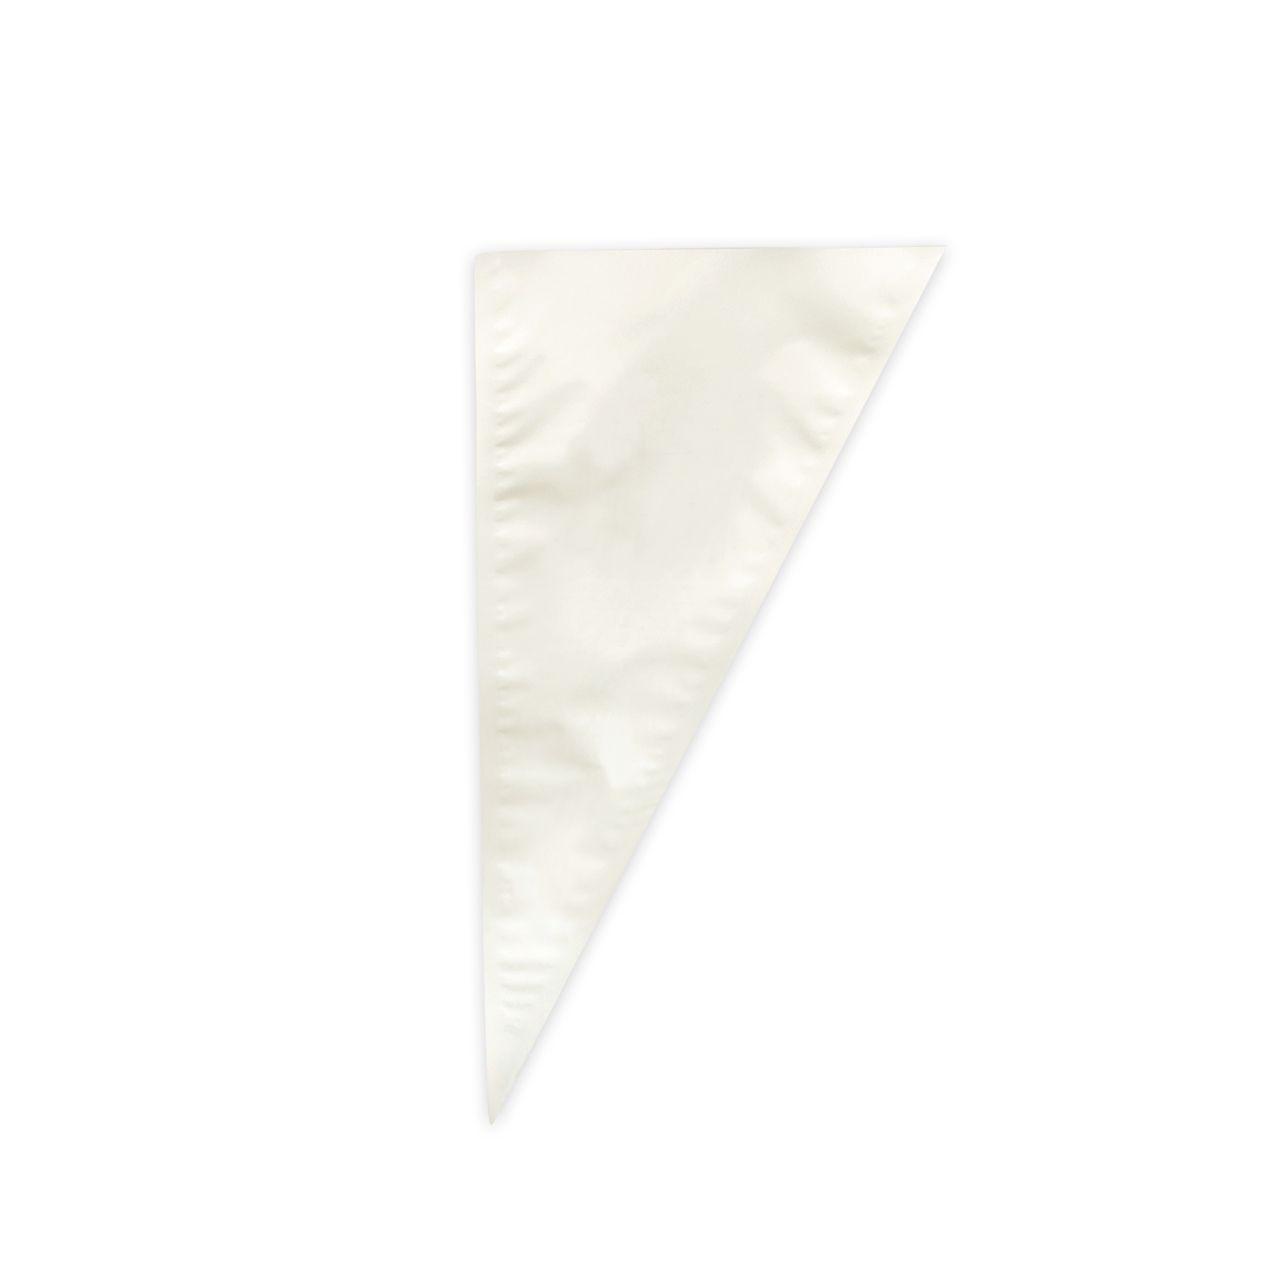 Saco para Confeitar Descartável Pequeno 19 x 31cm (5 uni) - Mago